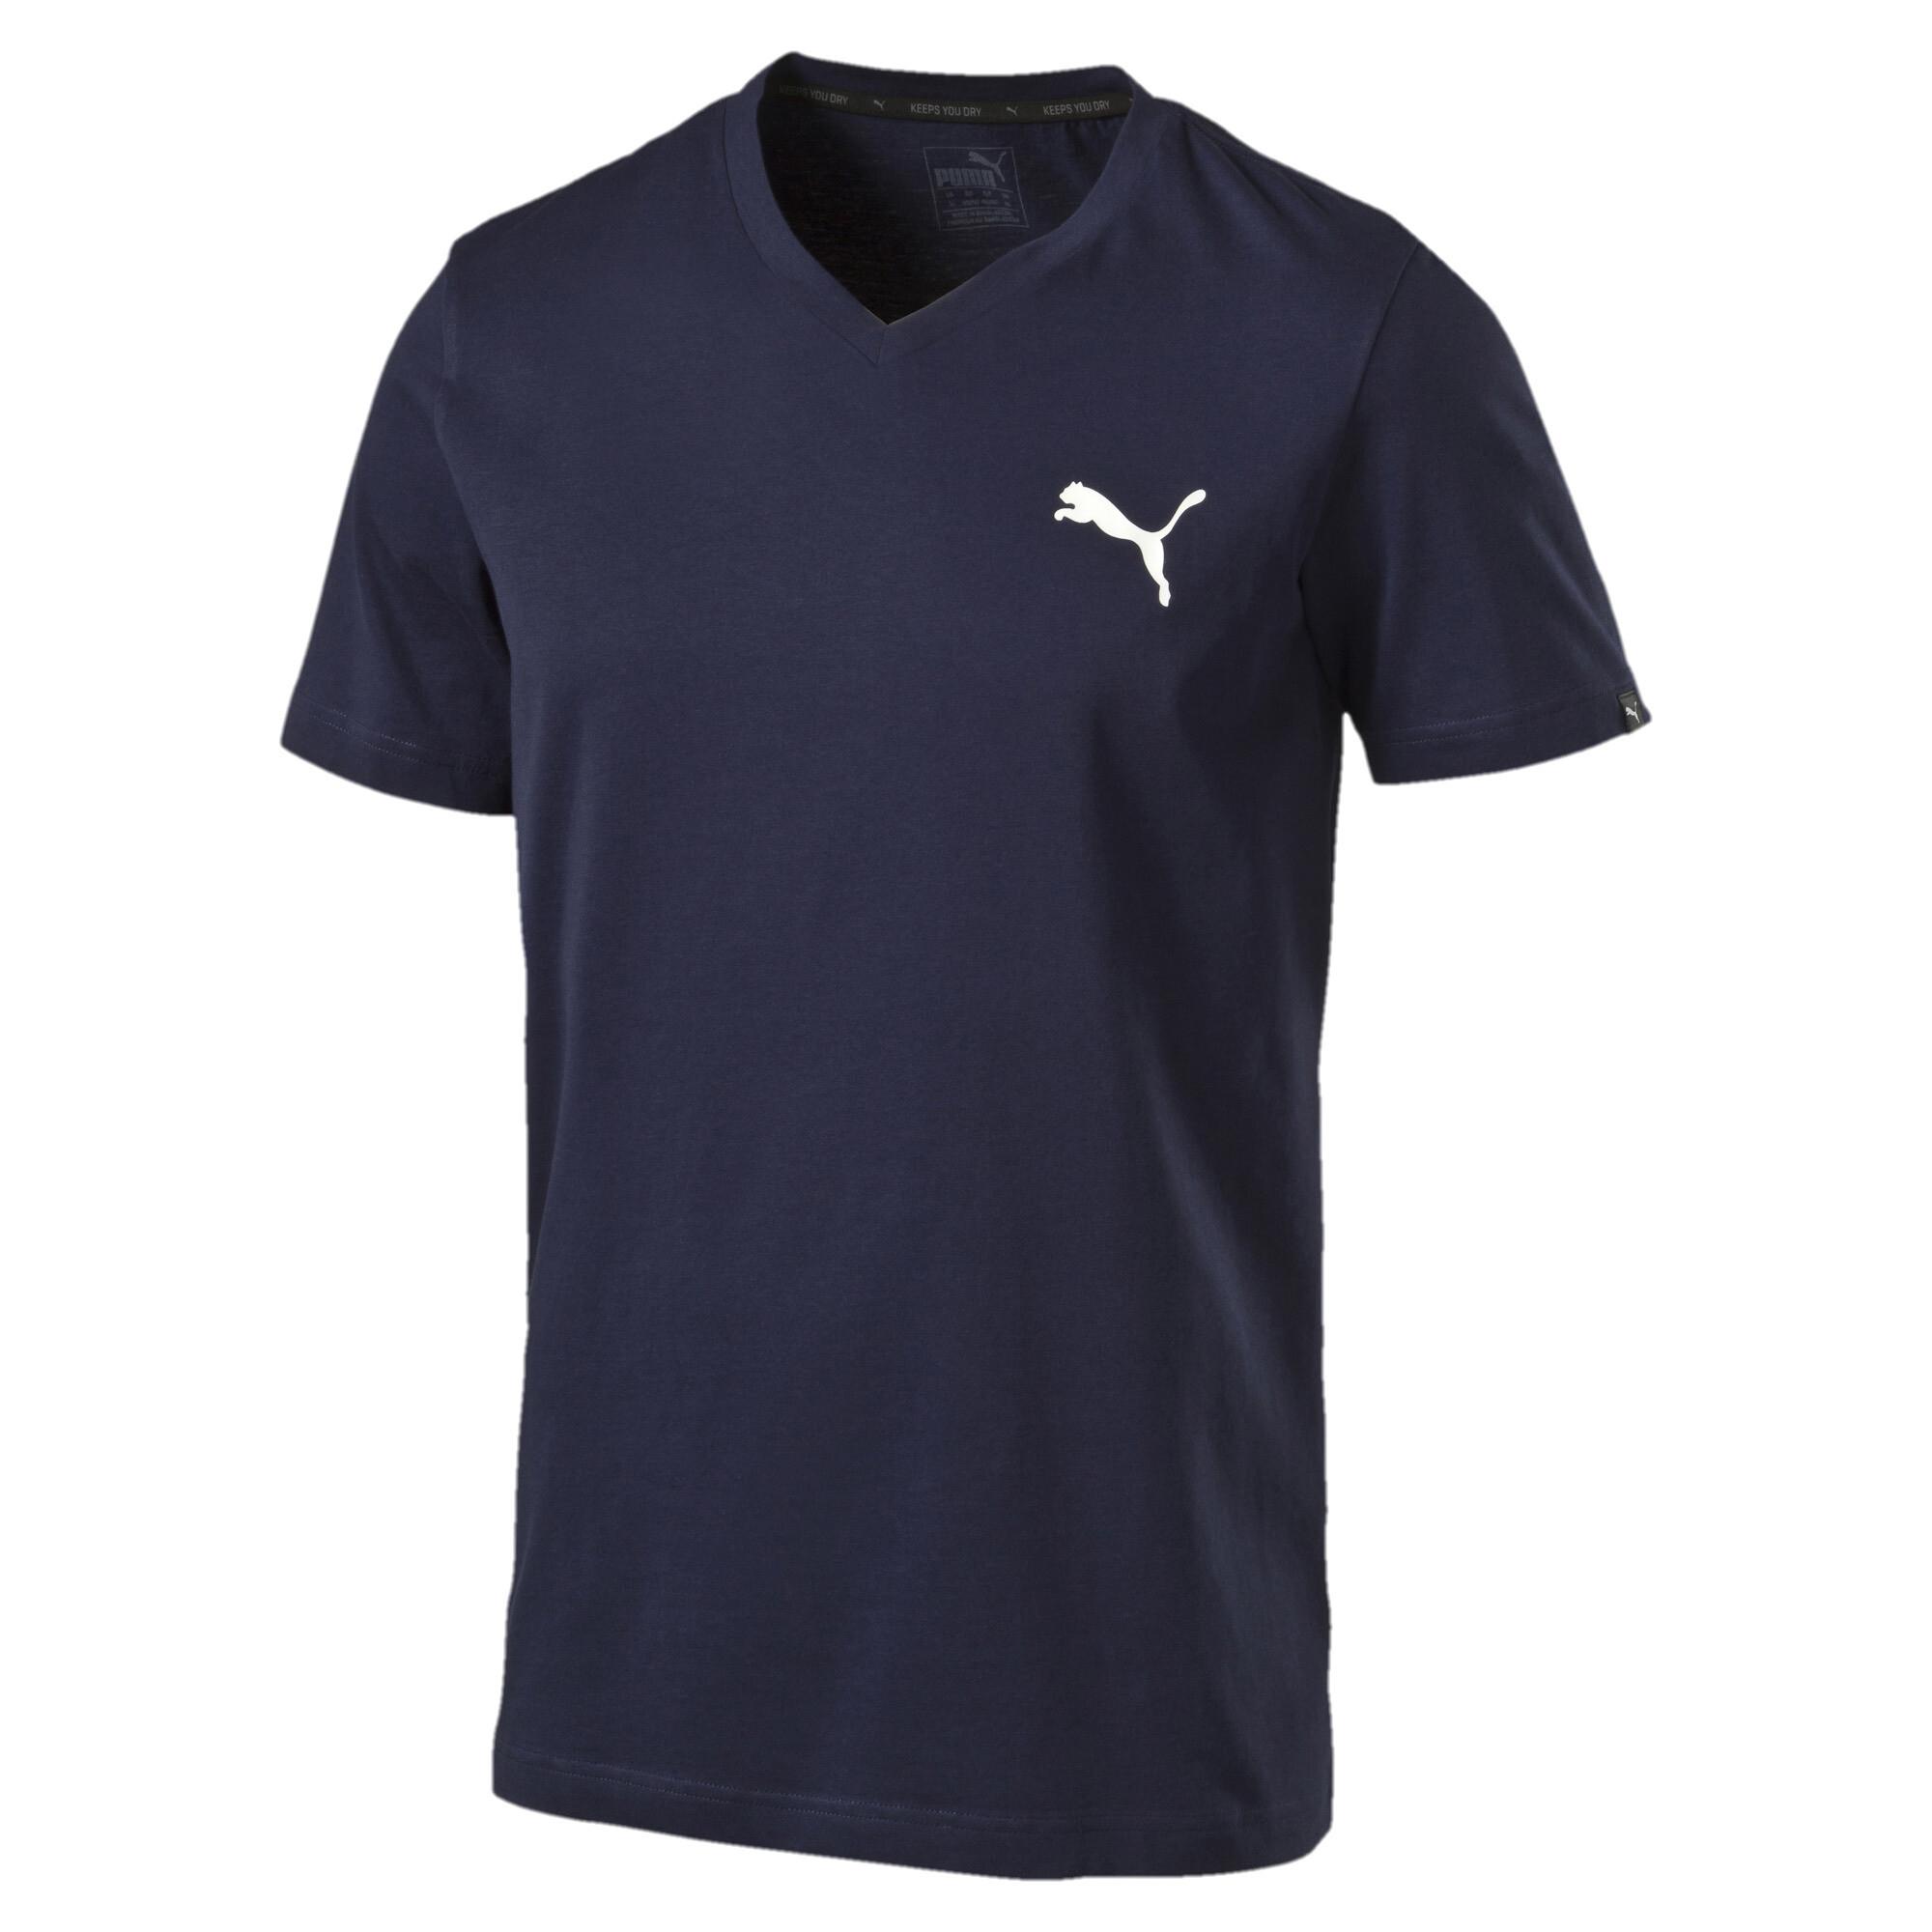 PUMA-Iconic-V-Neck-T-Shirt-Men-Tee-Basics thumbnail 11